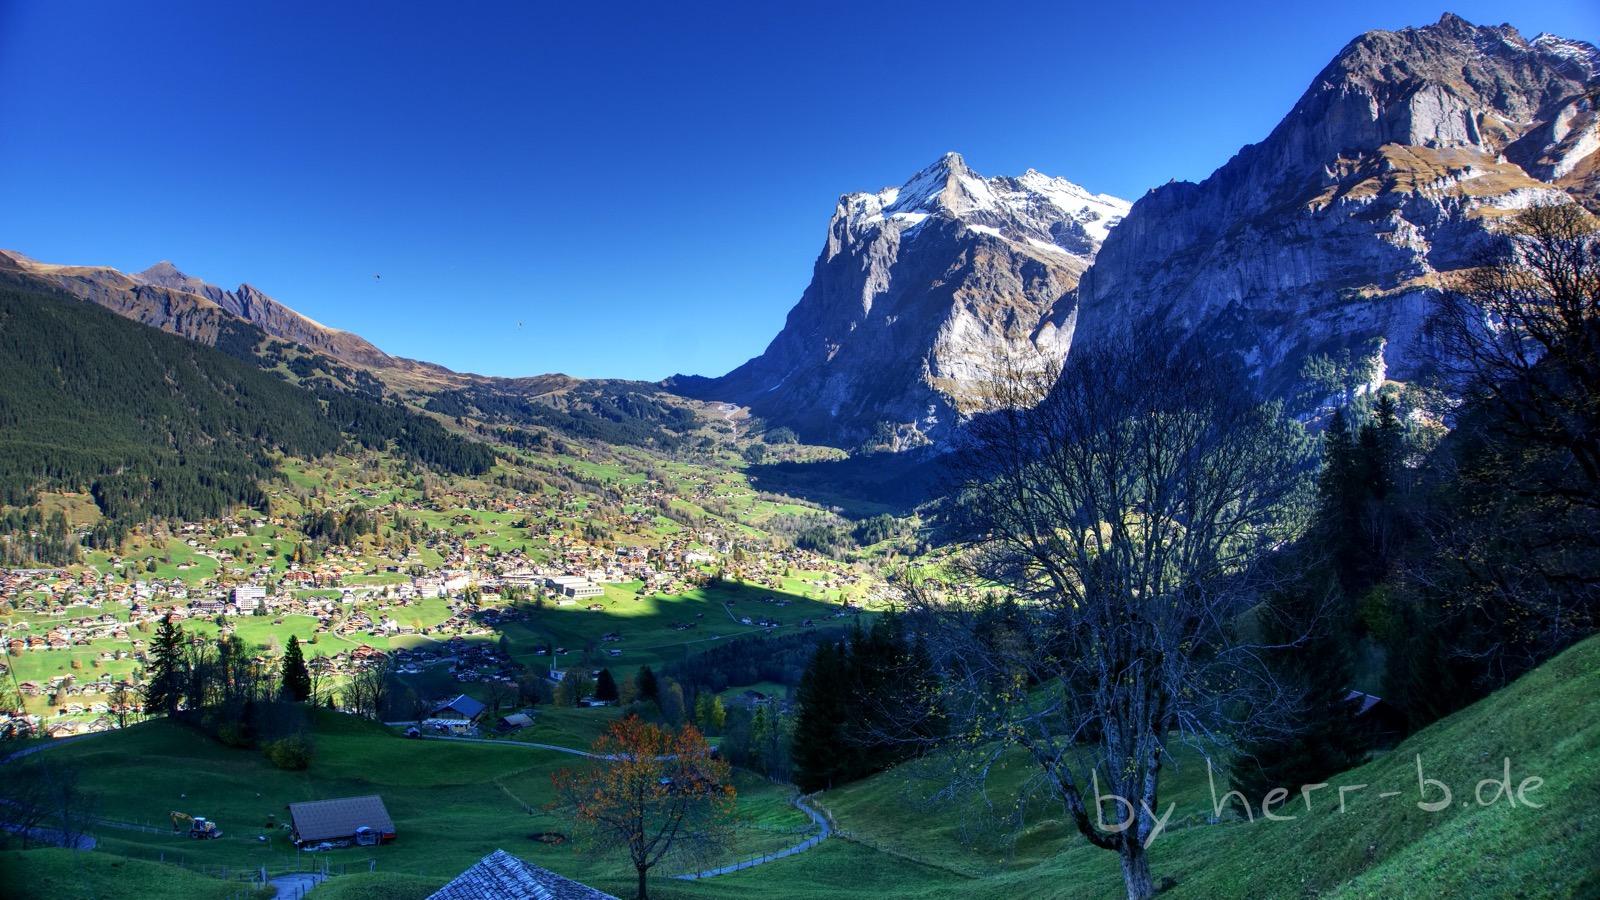 Runterblick auf Grindelwald.